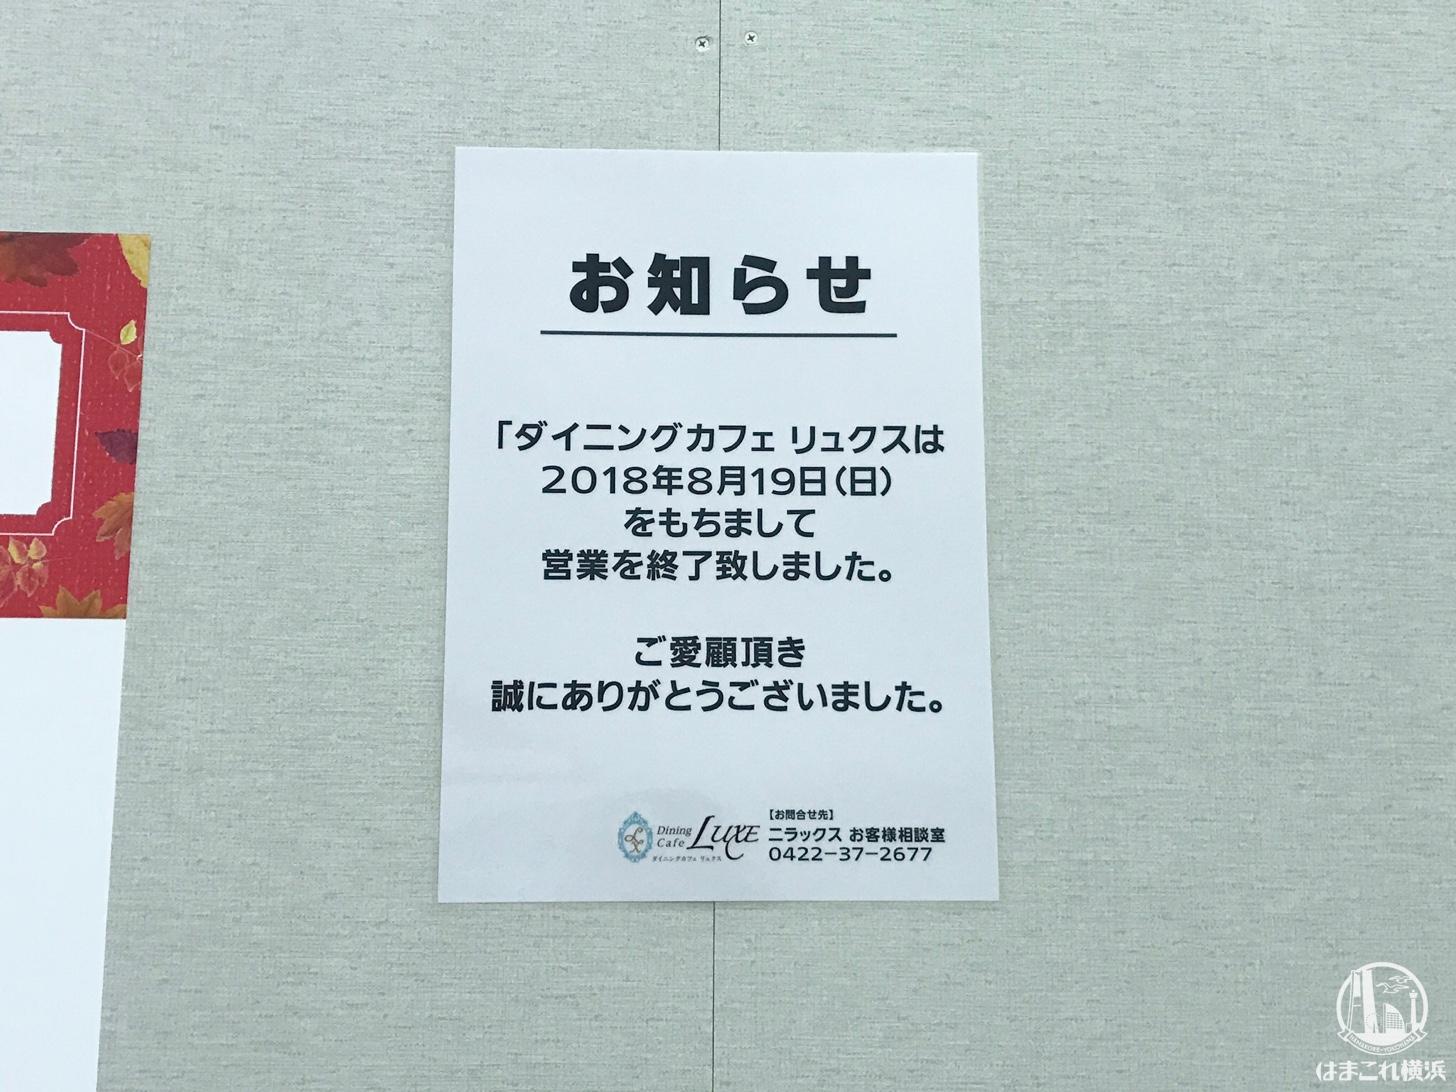 ダイニングカフェ リュクス 閉店のお知らせ